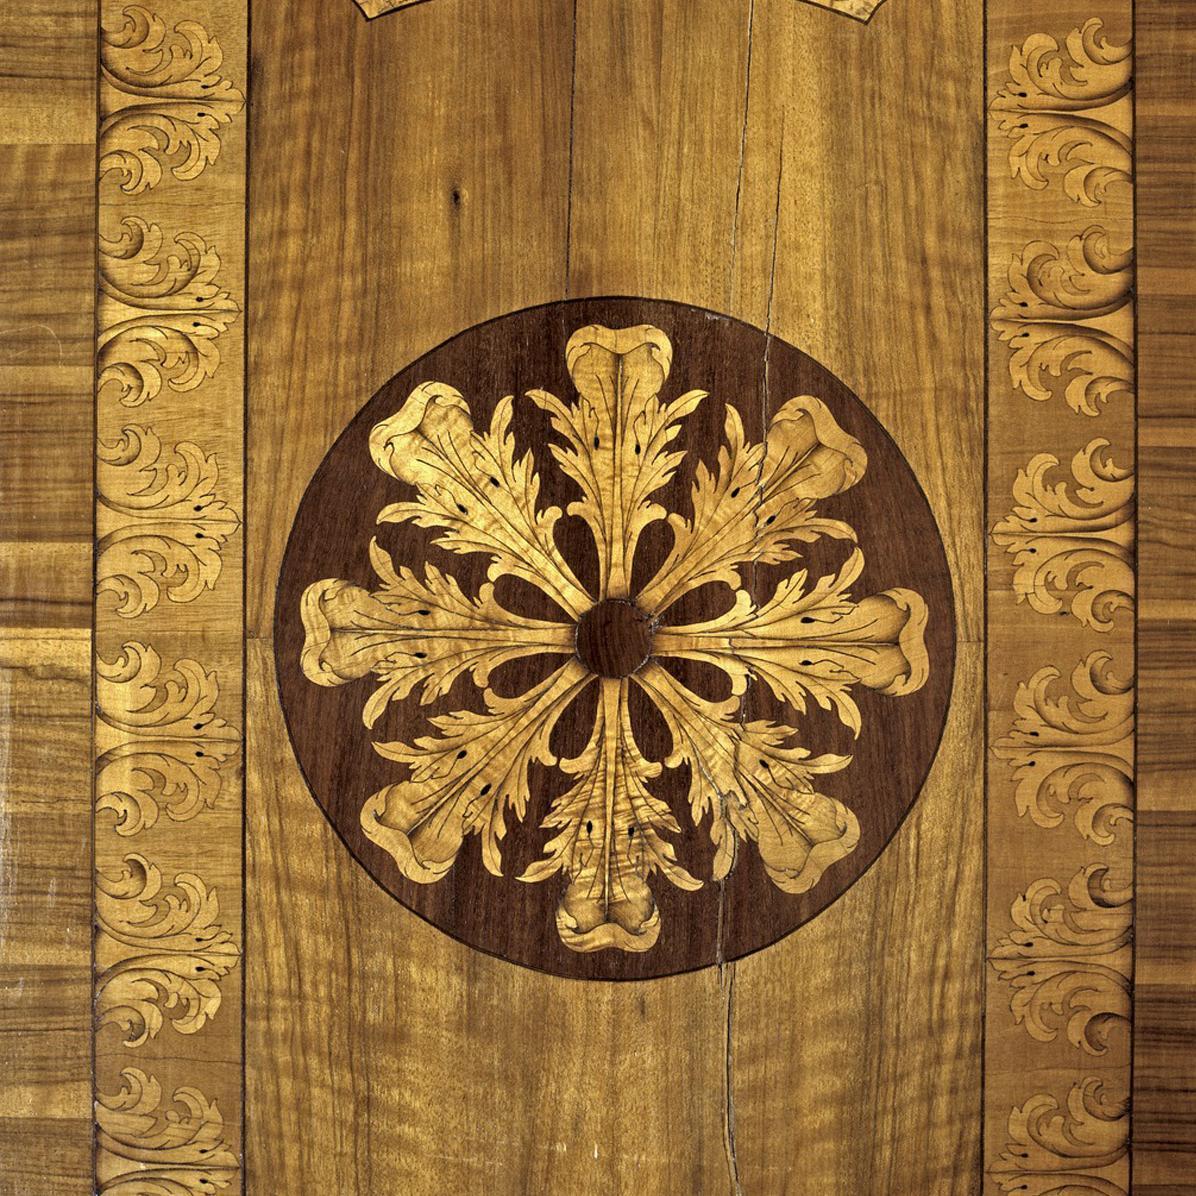 Details des Fußbodens im Marmorkabinett des Jagdpavillons des Residenzschlosses Ludwigsburg; Foto: Landesmedienzentrum Baden-Württemberg, Dieter Jäger